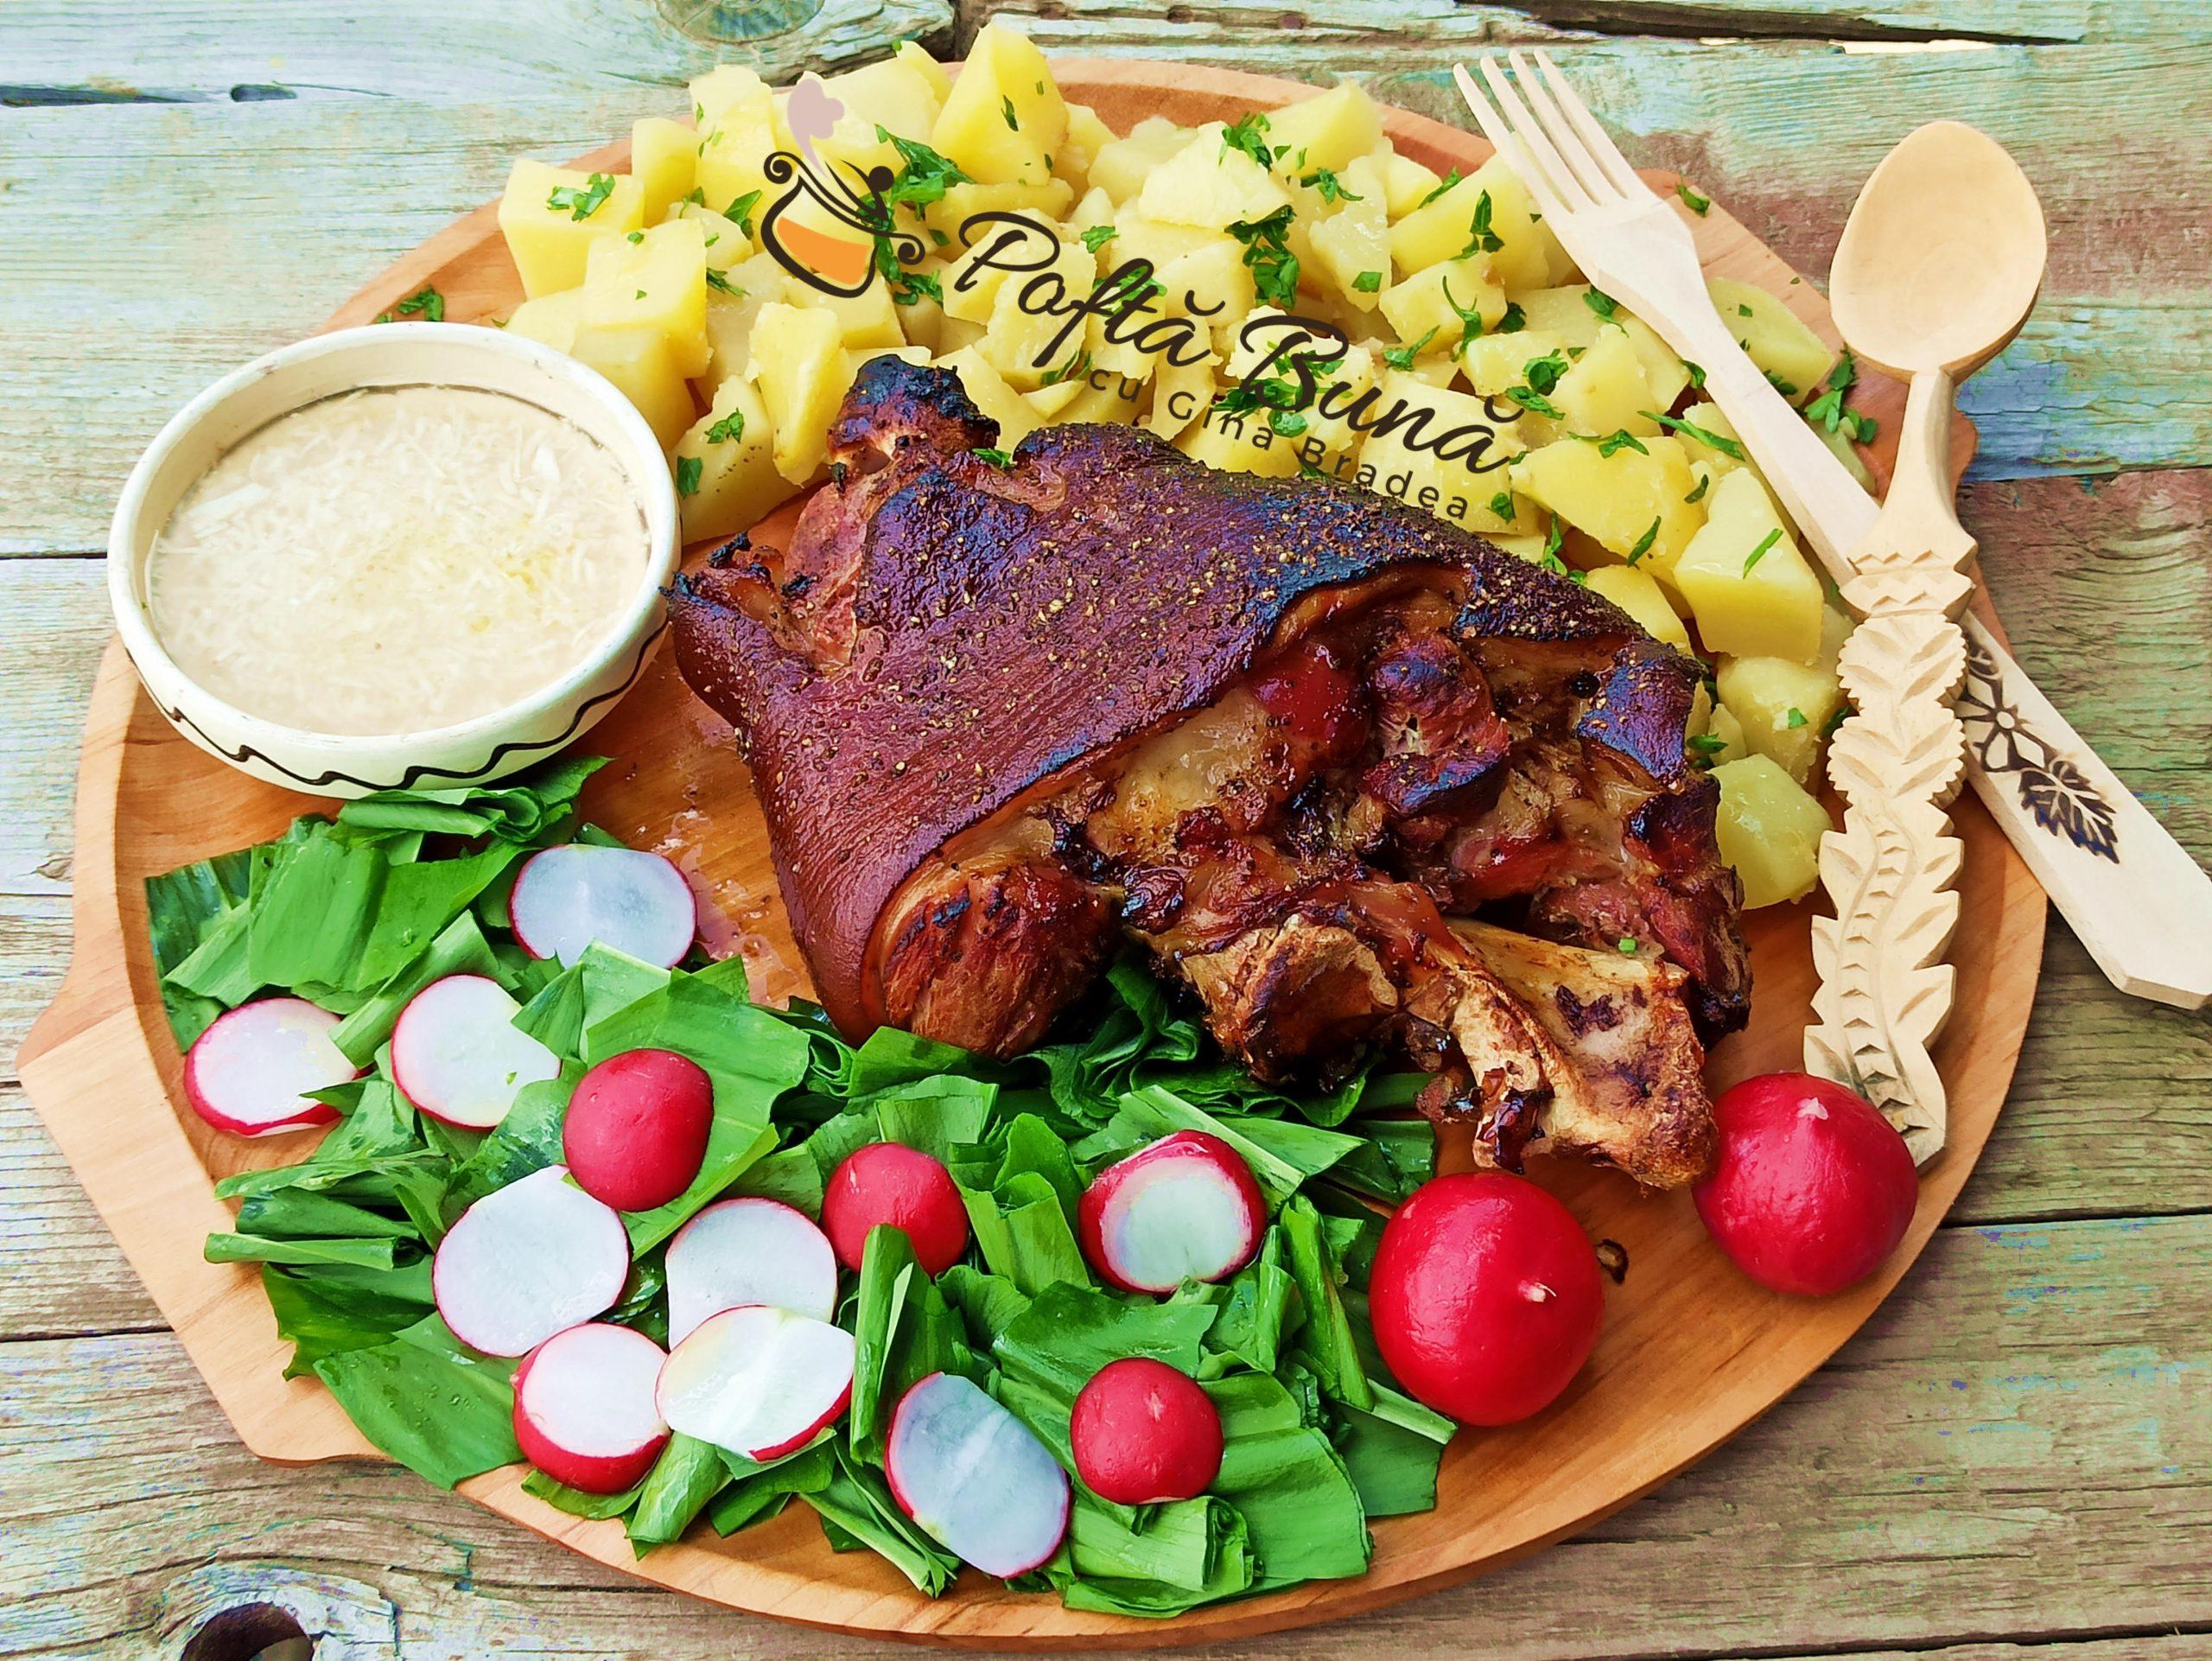 Ciolan de porc cu miere la cuptor reteta gina bradea 2 scaled - Ciolan de porc cu miere, la cuptor